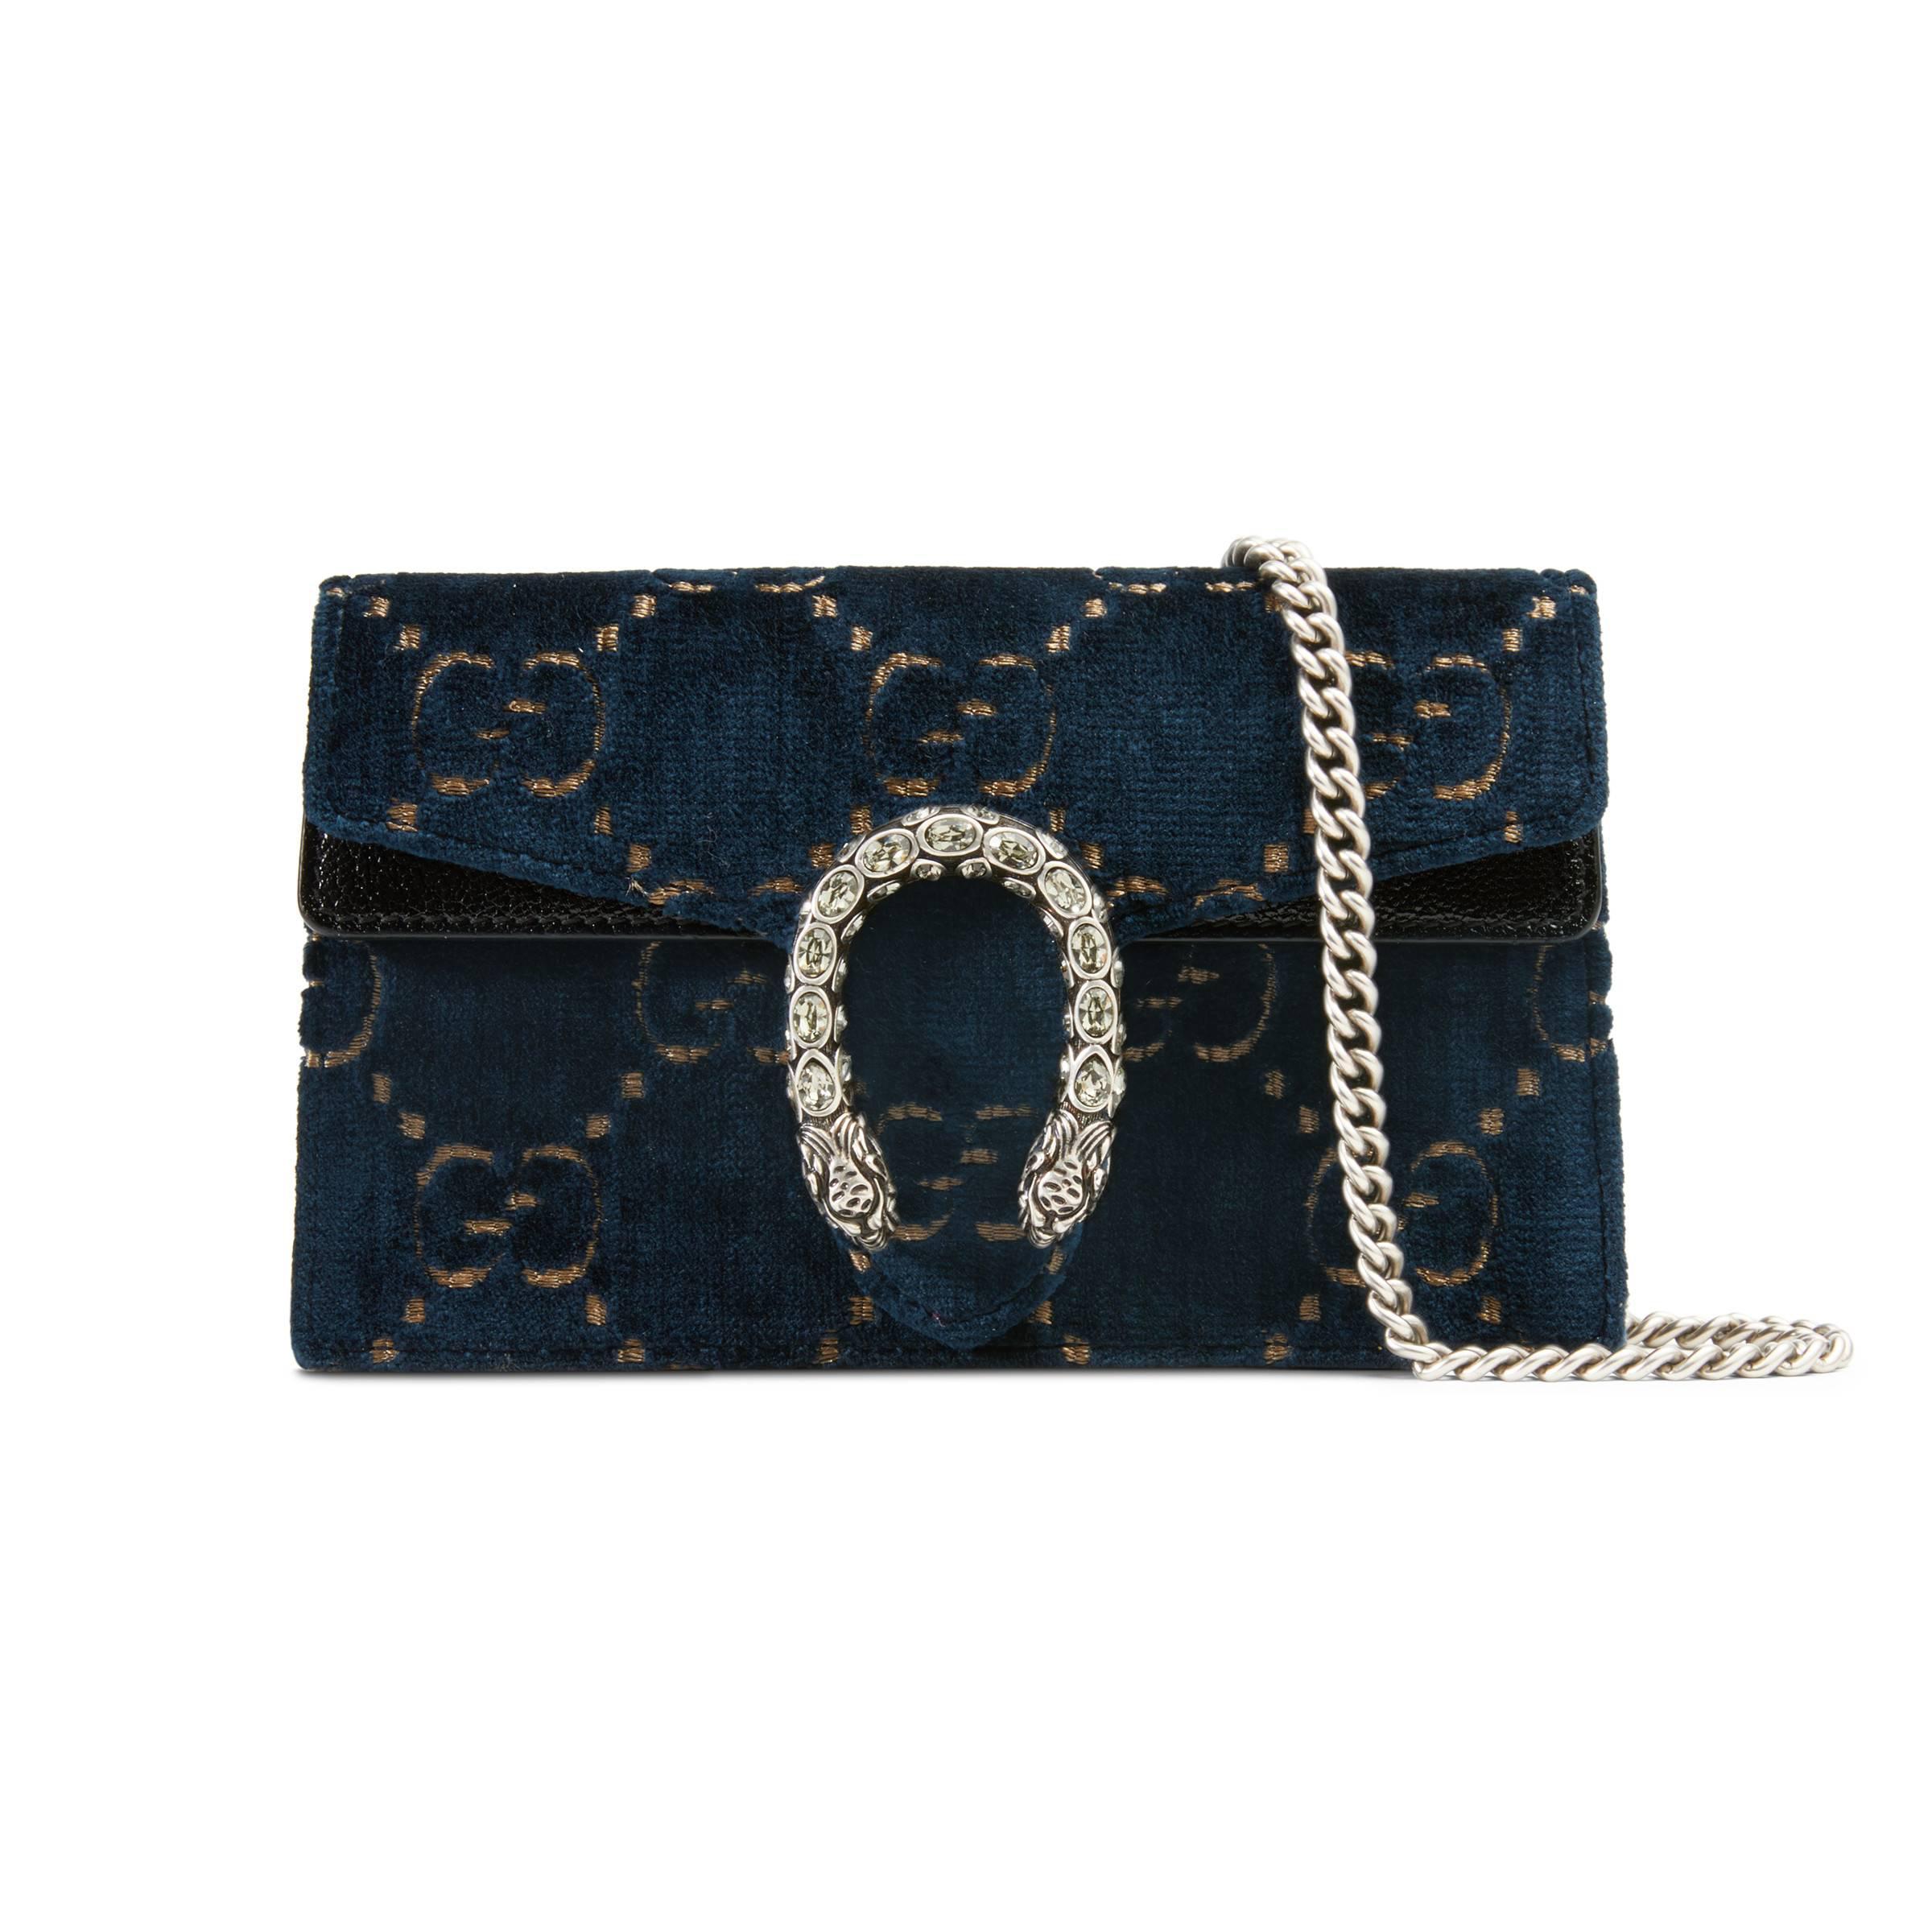 e8fcaa0f9cb Gucci Dionysus Gg Velvet Super Mini Bag in Blue - Lyst